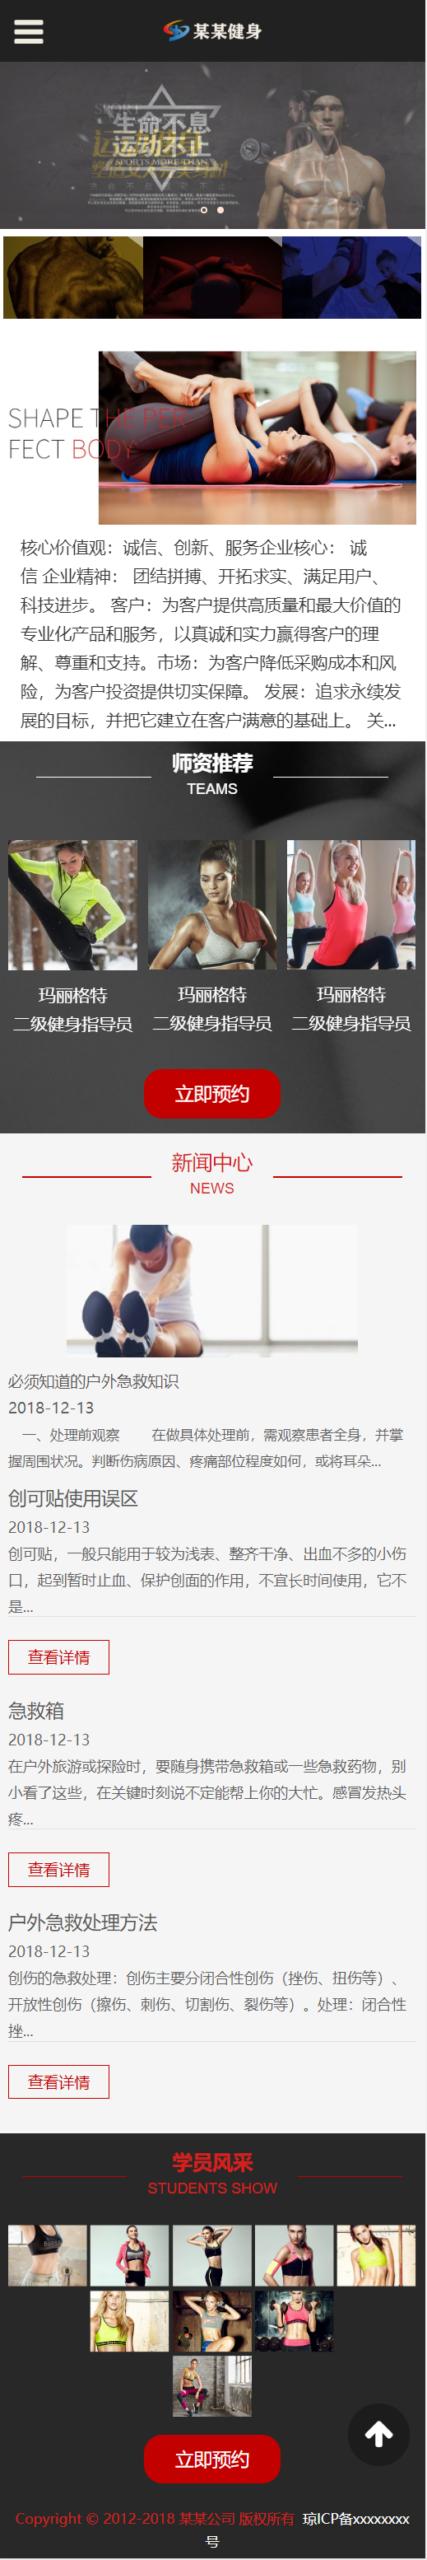 响应式健身塑型健身房瑜伽馆公司企业模板官网企业网站源码下载自适应手机端带强大的后台管理系统